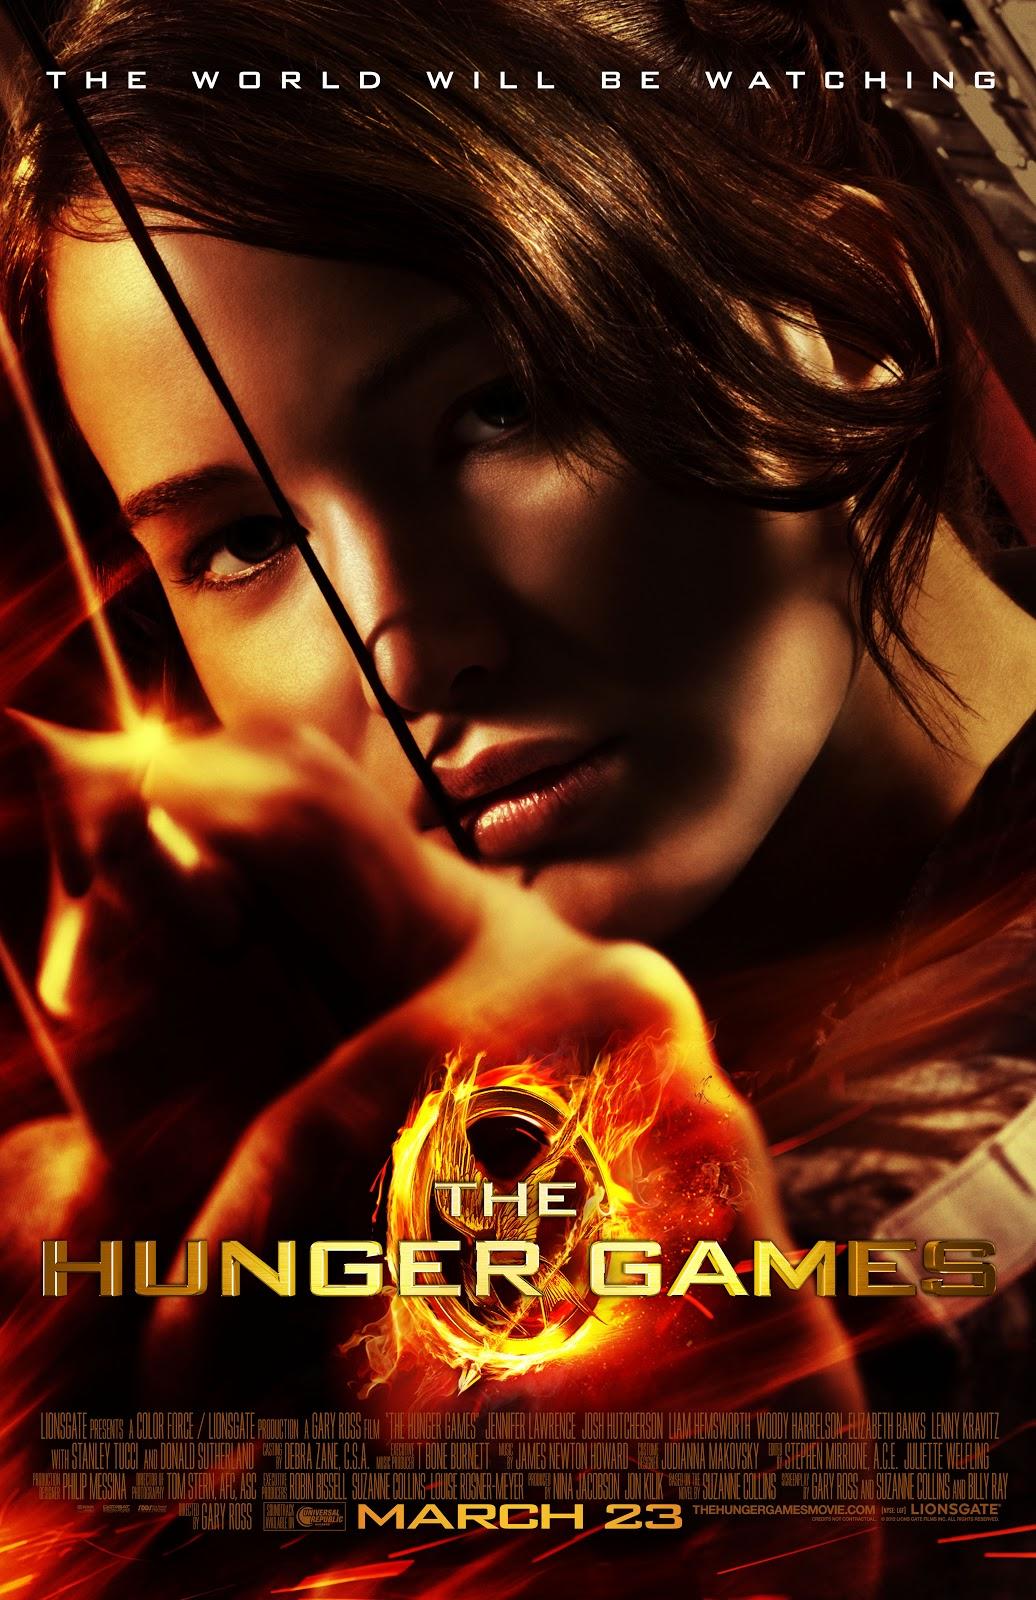 http://4.bp.blogspot.com/-UV_uZ4Wr0w0/UOGe2x7mHCI/AAAAAAAADq4/gkTZkyhrs6g/s1600/the-hunger-games-poster.jpg